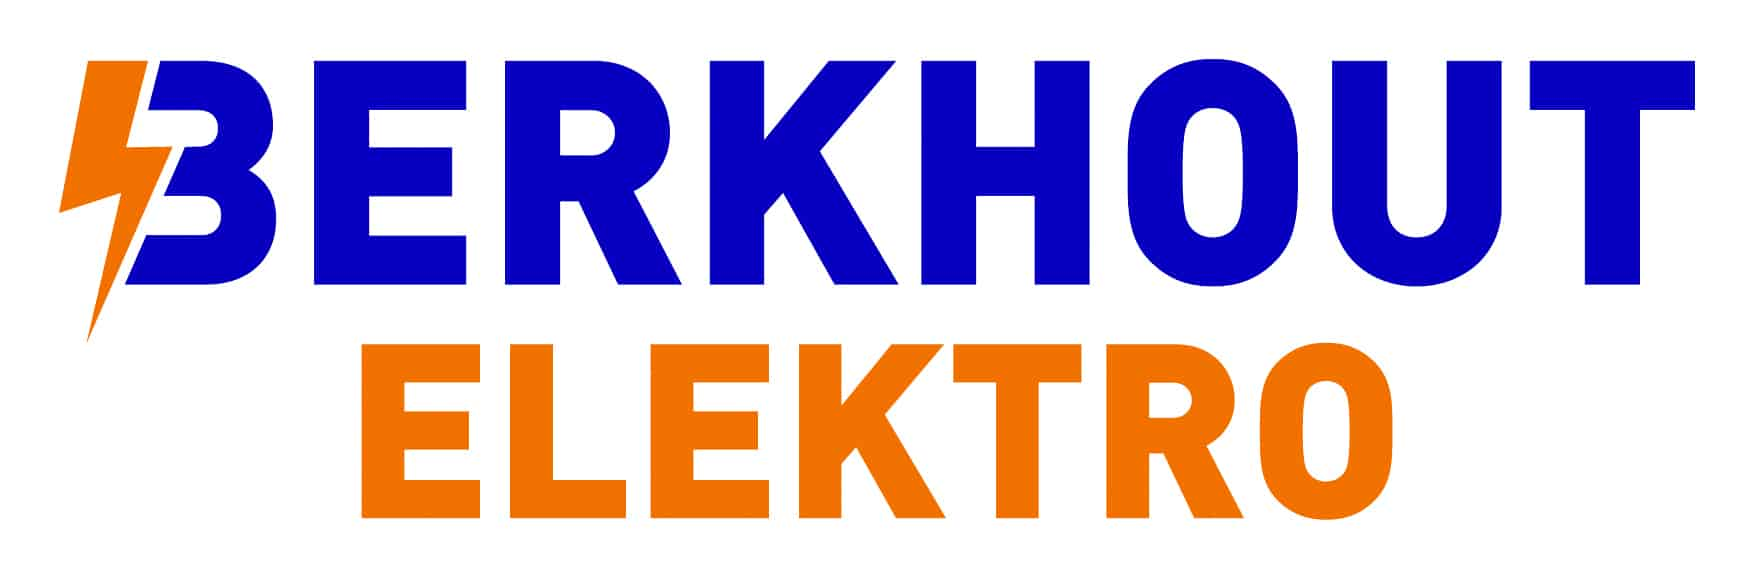 https://www.virtualstars.nl/wp-content/uploads/2021/01/2837_logo_BE_logovoorJPG.jpg